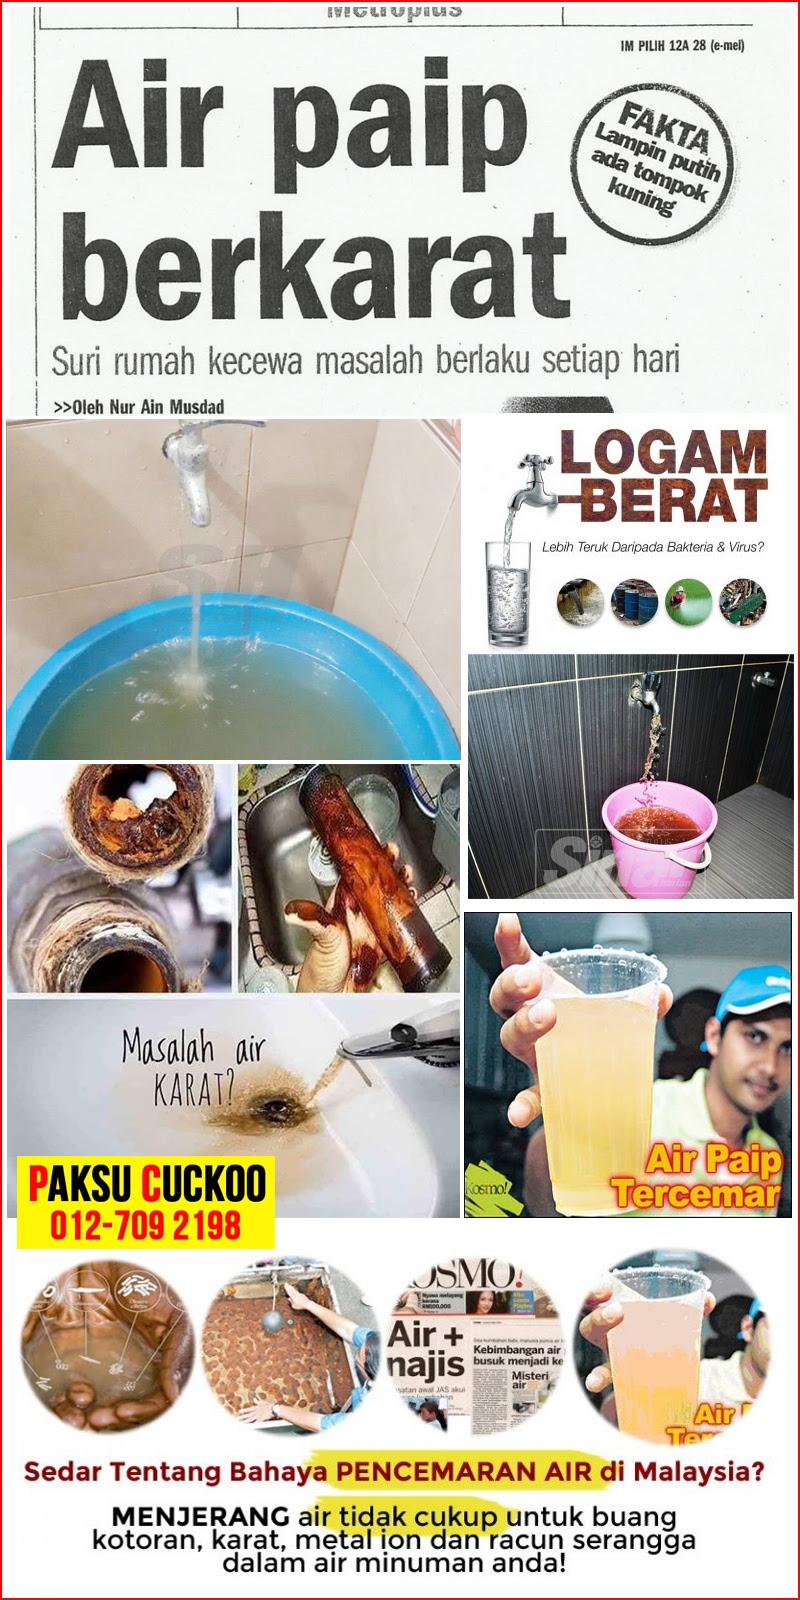 semua rumah di malaysia memerlukan cuckoo outdoor water purifier negeri sembilan seremban mesin penulen air luar rumah untuk membersihkan air yang masuk ke dalam rumah bersih